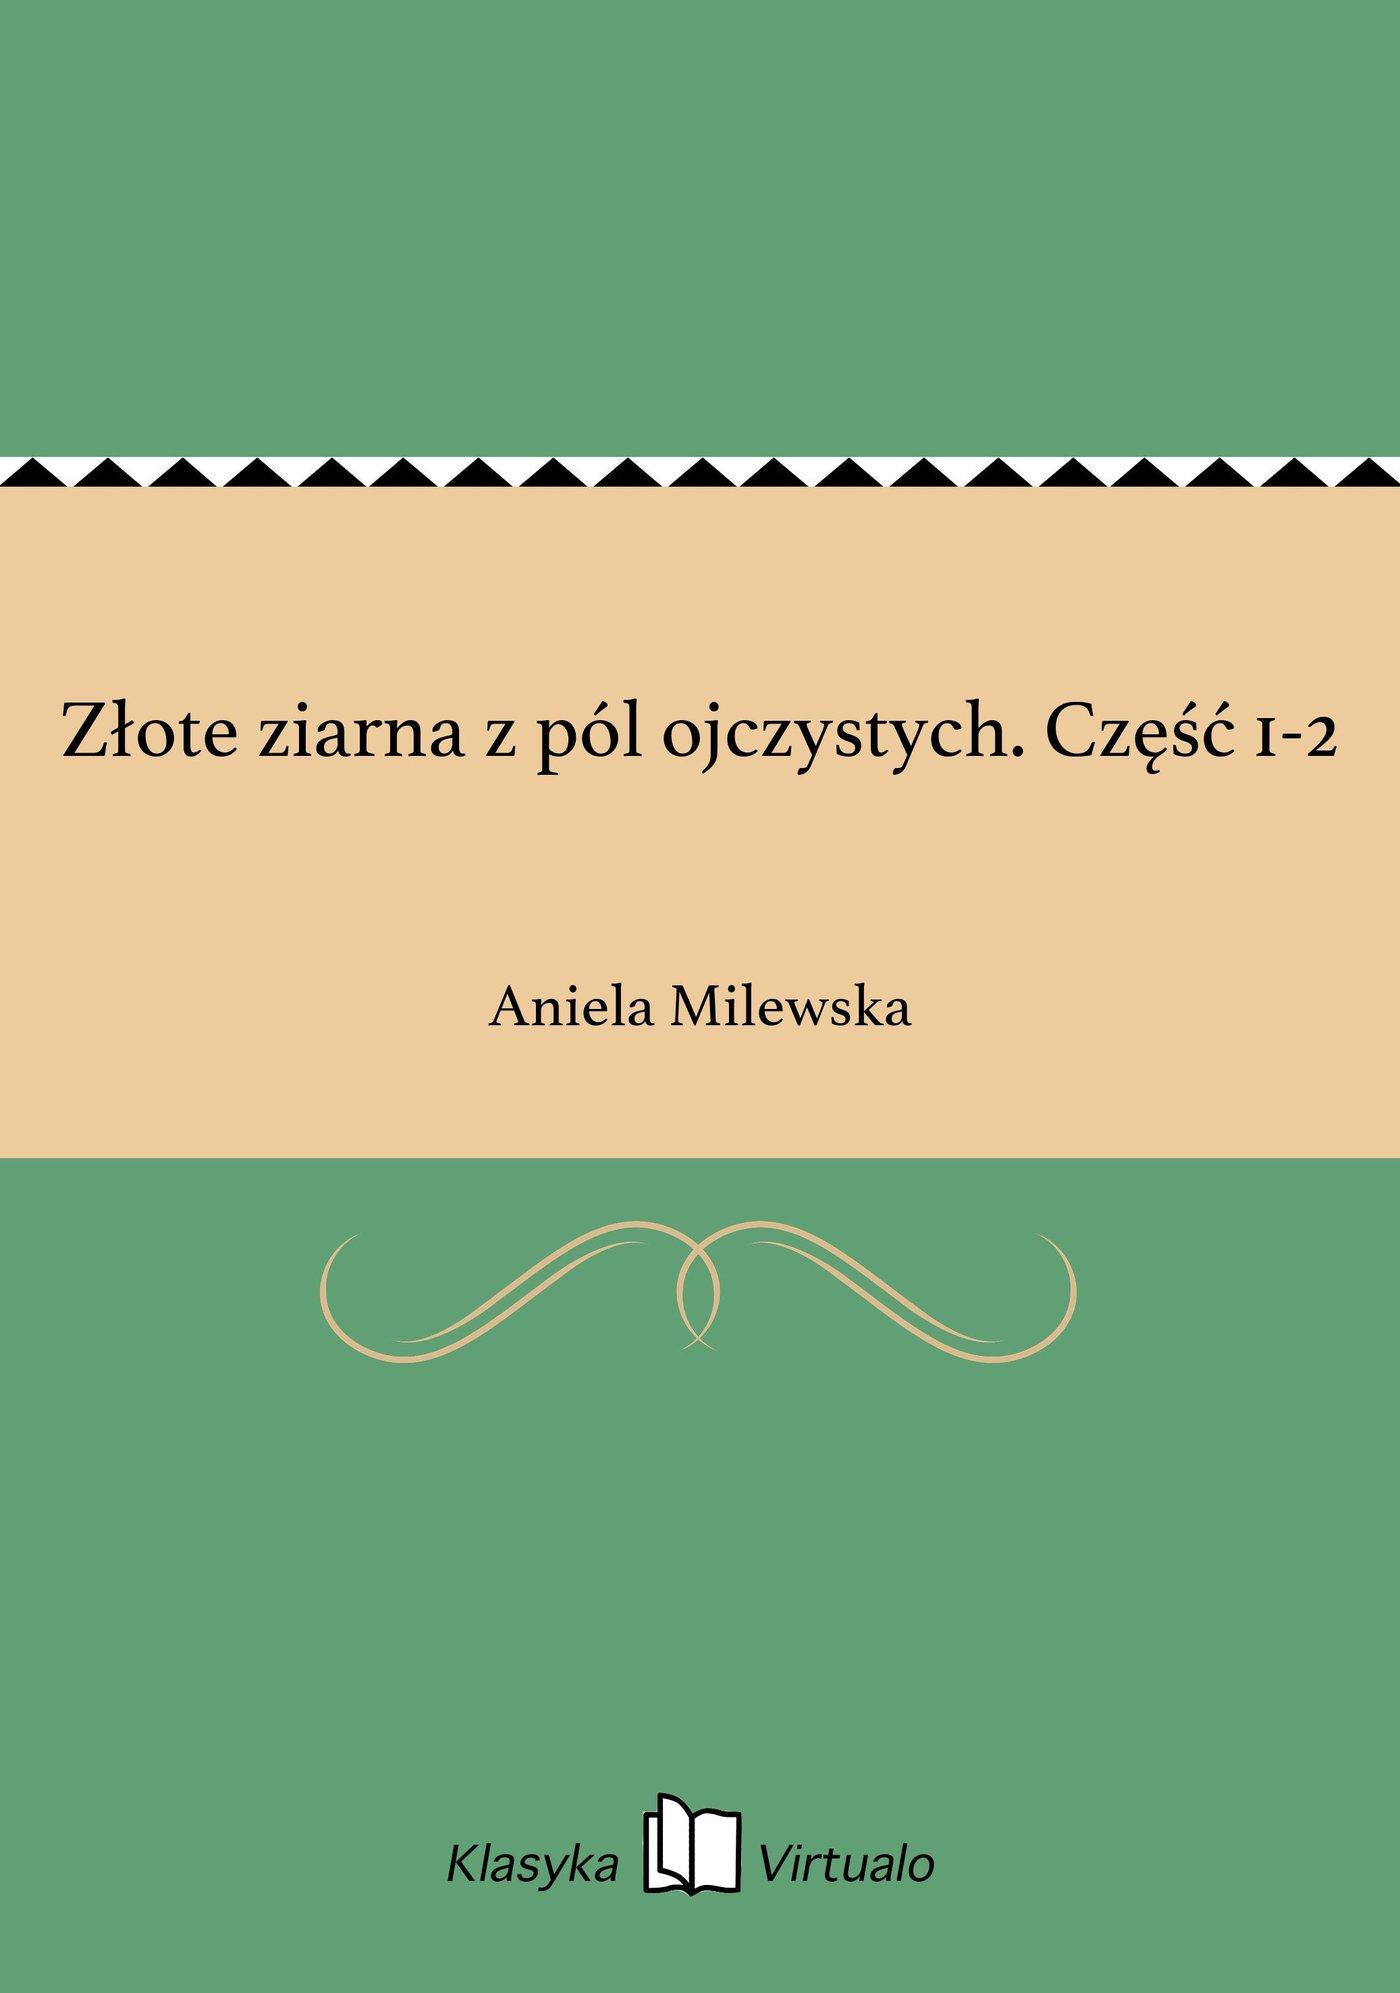 Złote ziarna z pól ojczystych. Część 1-2 - Ebook (Książka EPUB) do pobrania w formacie EPUB